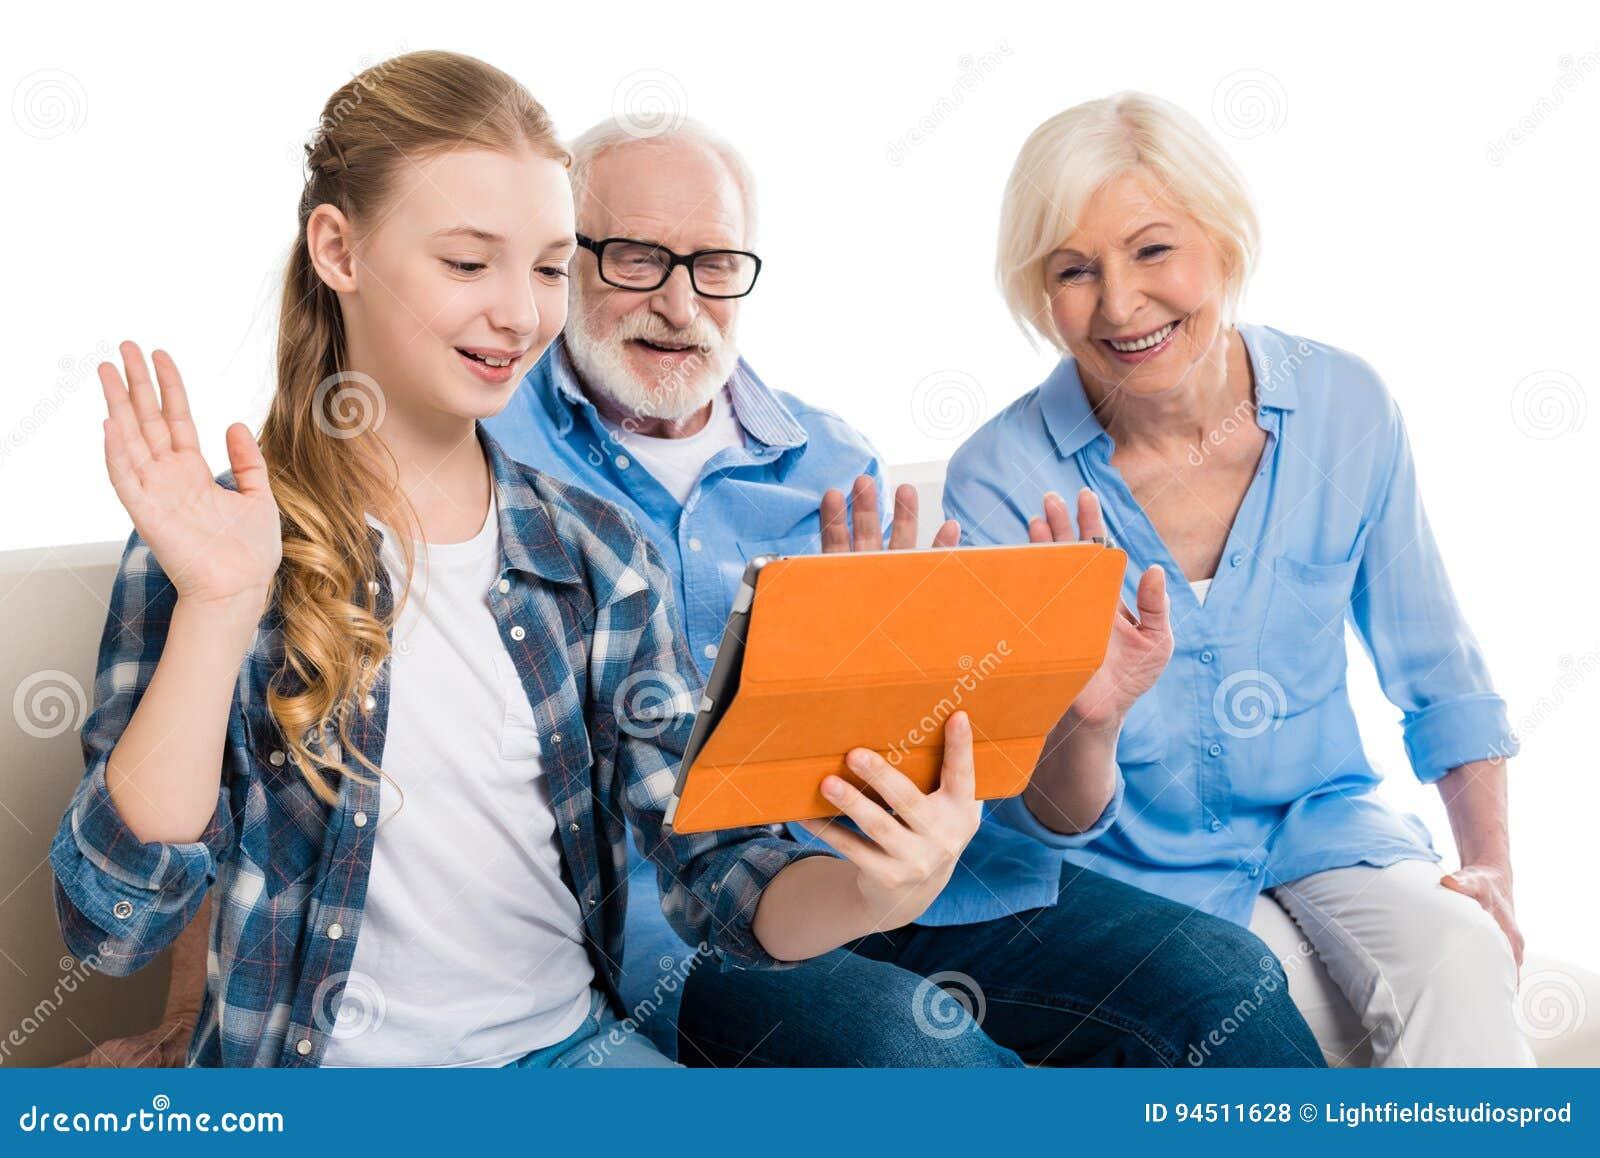 Grootvader, grootmoeder en kleinkind gebruikend digitale tablet en zittend op bank